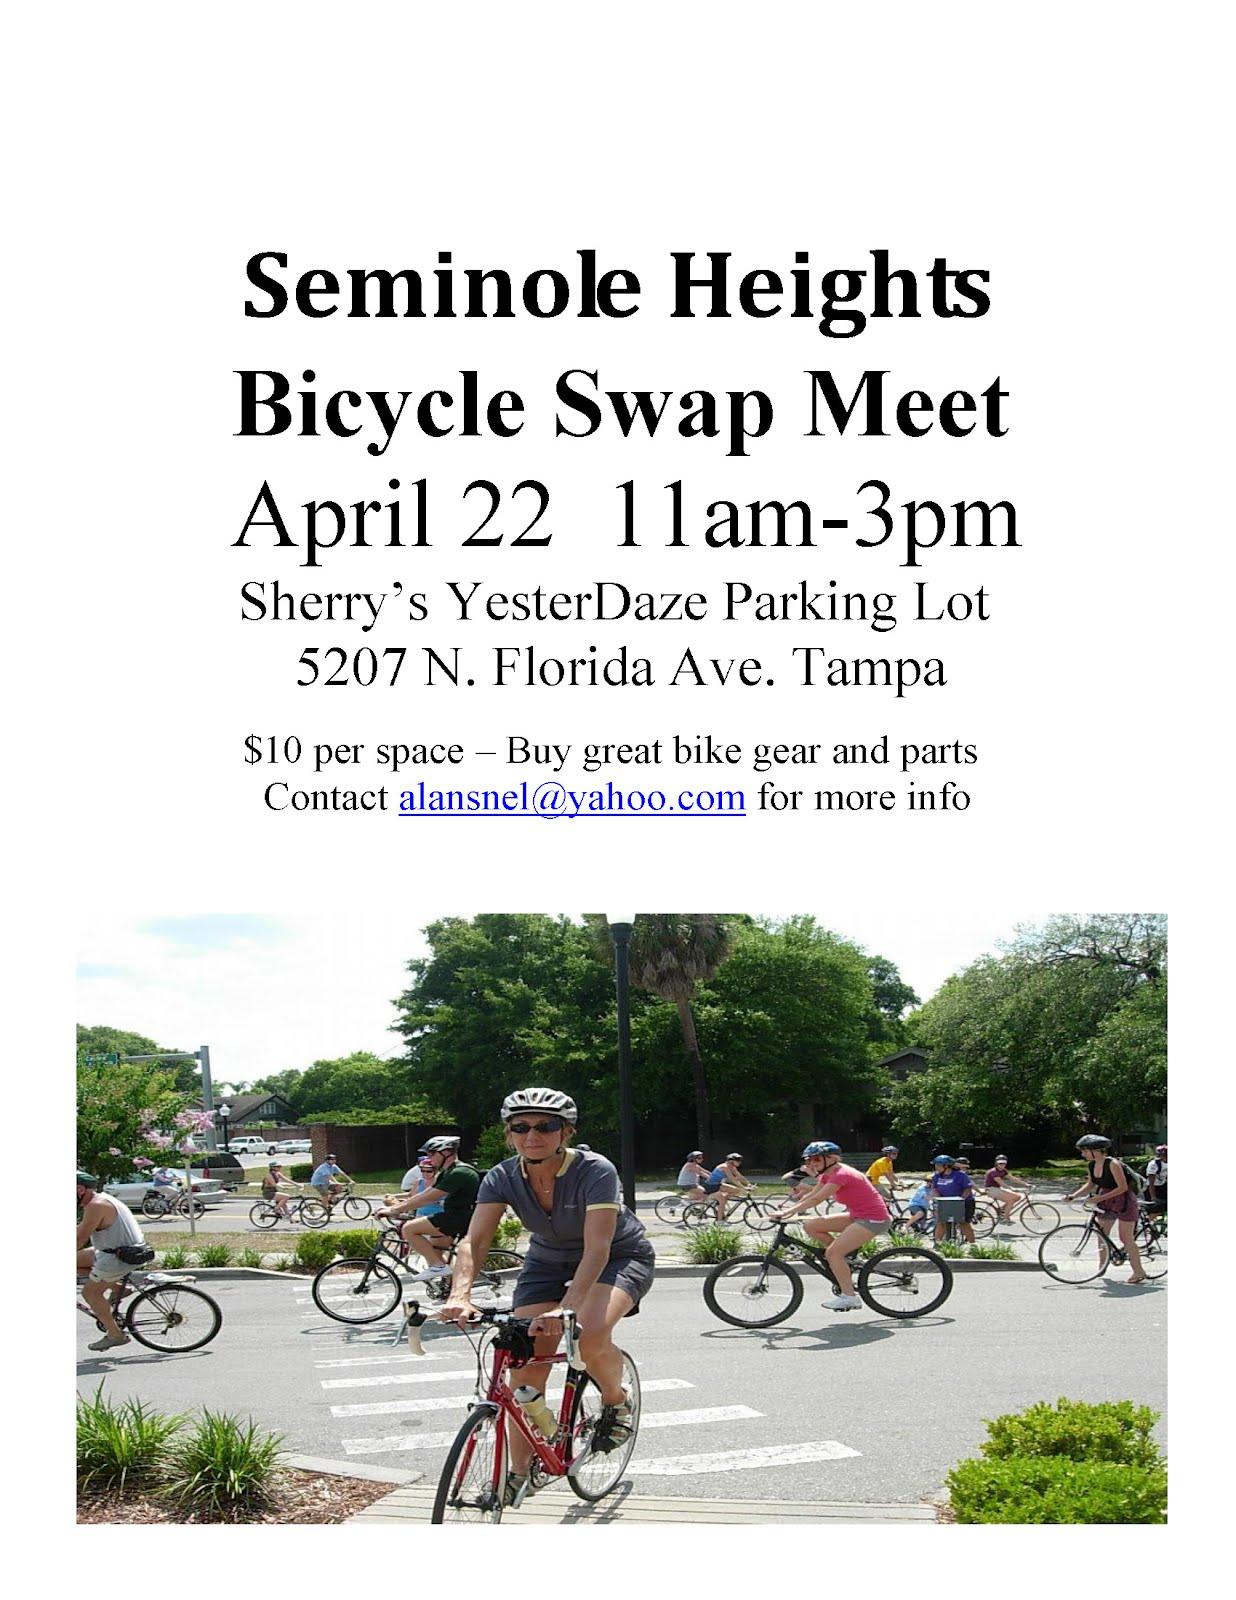 bicycle swap meet 2012 san diego